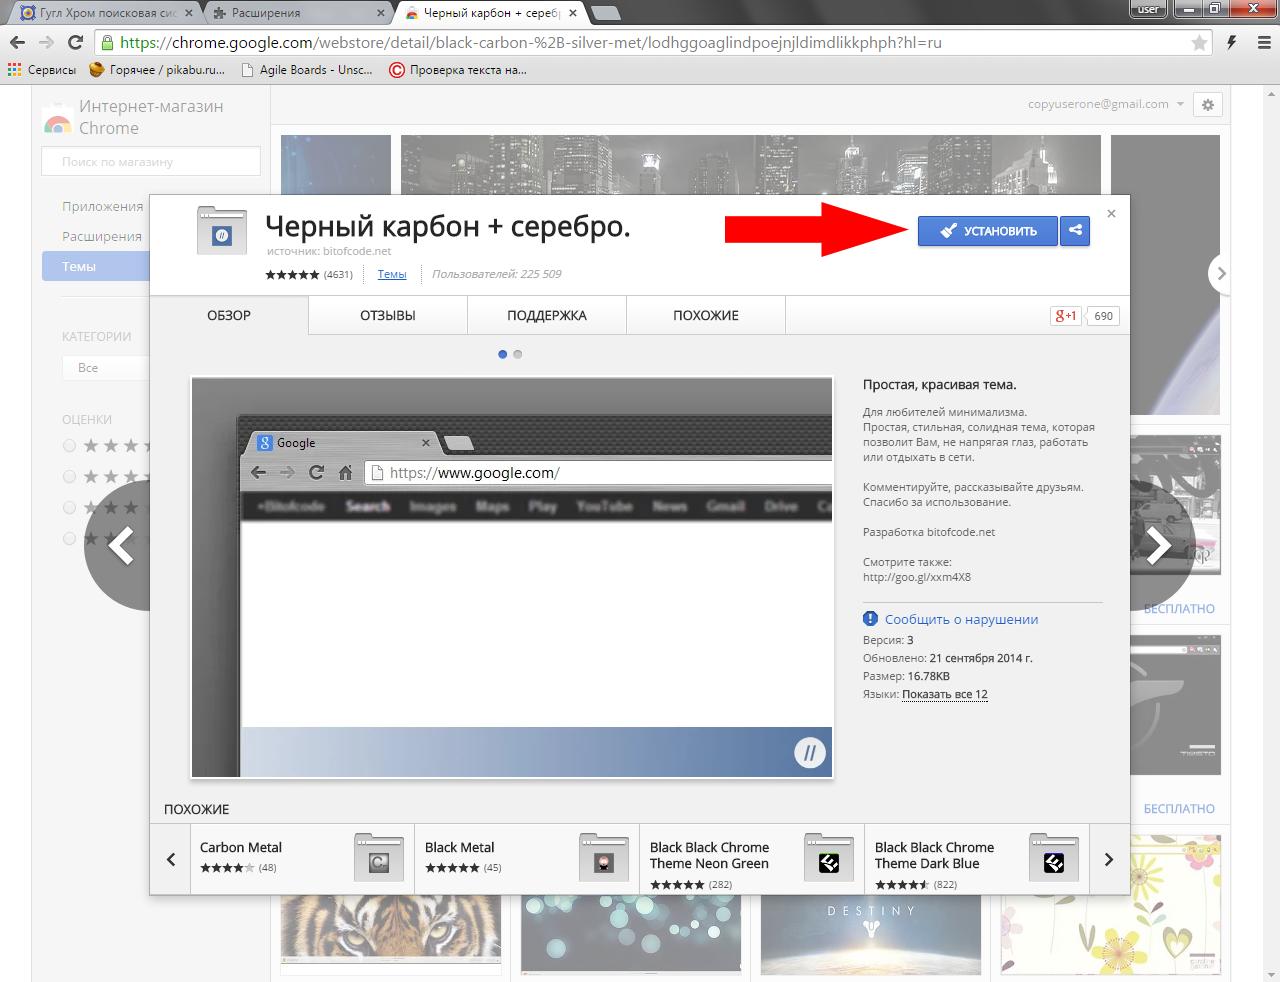 Гугл Хром: як створити візуальні закладки